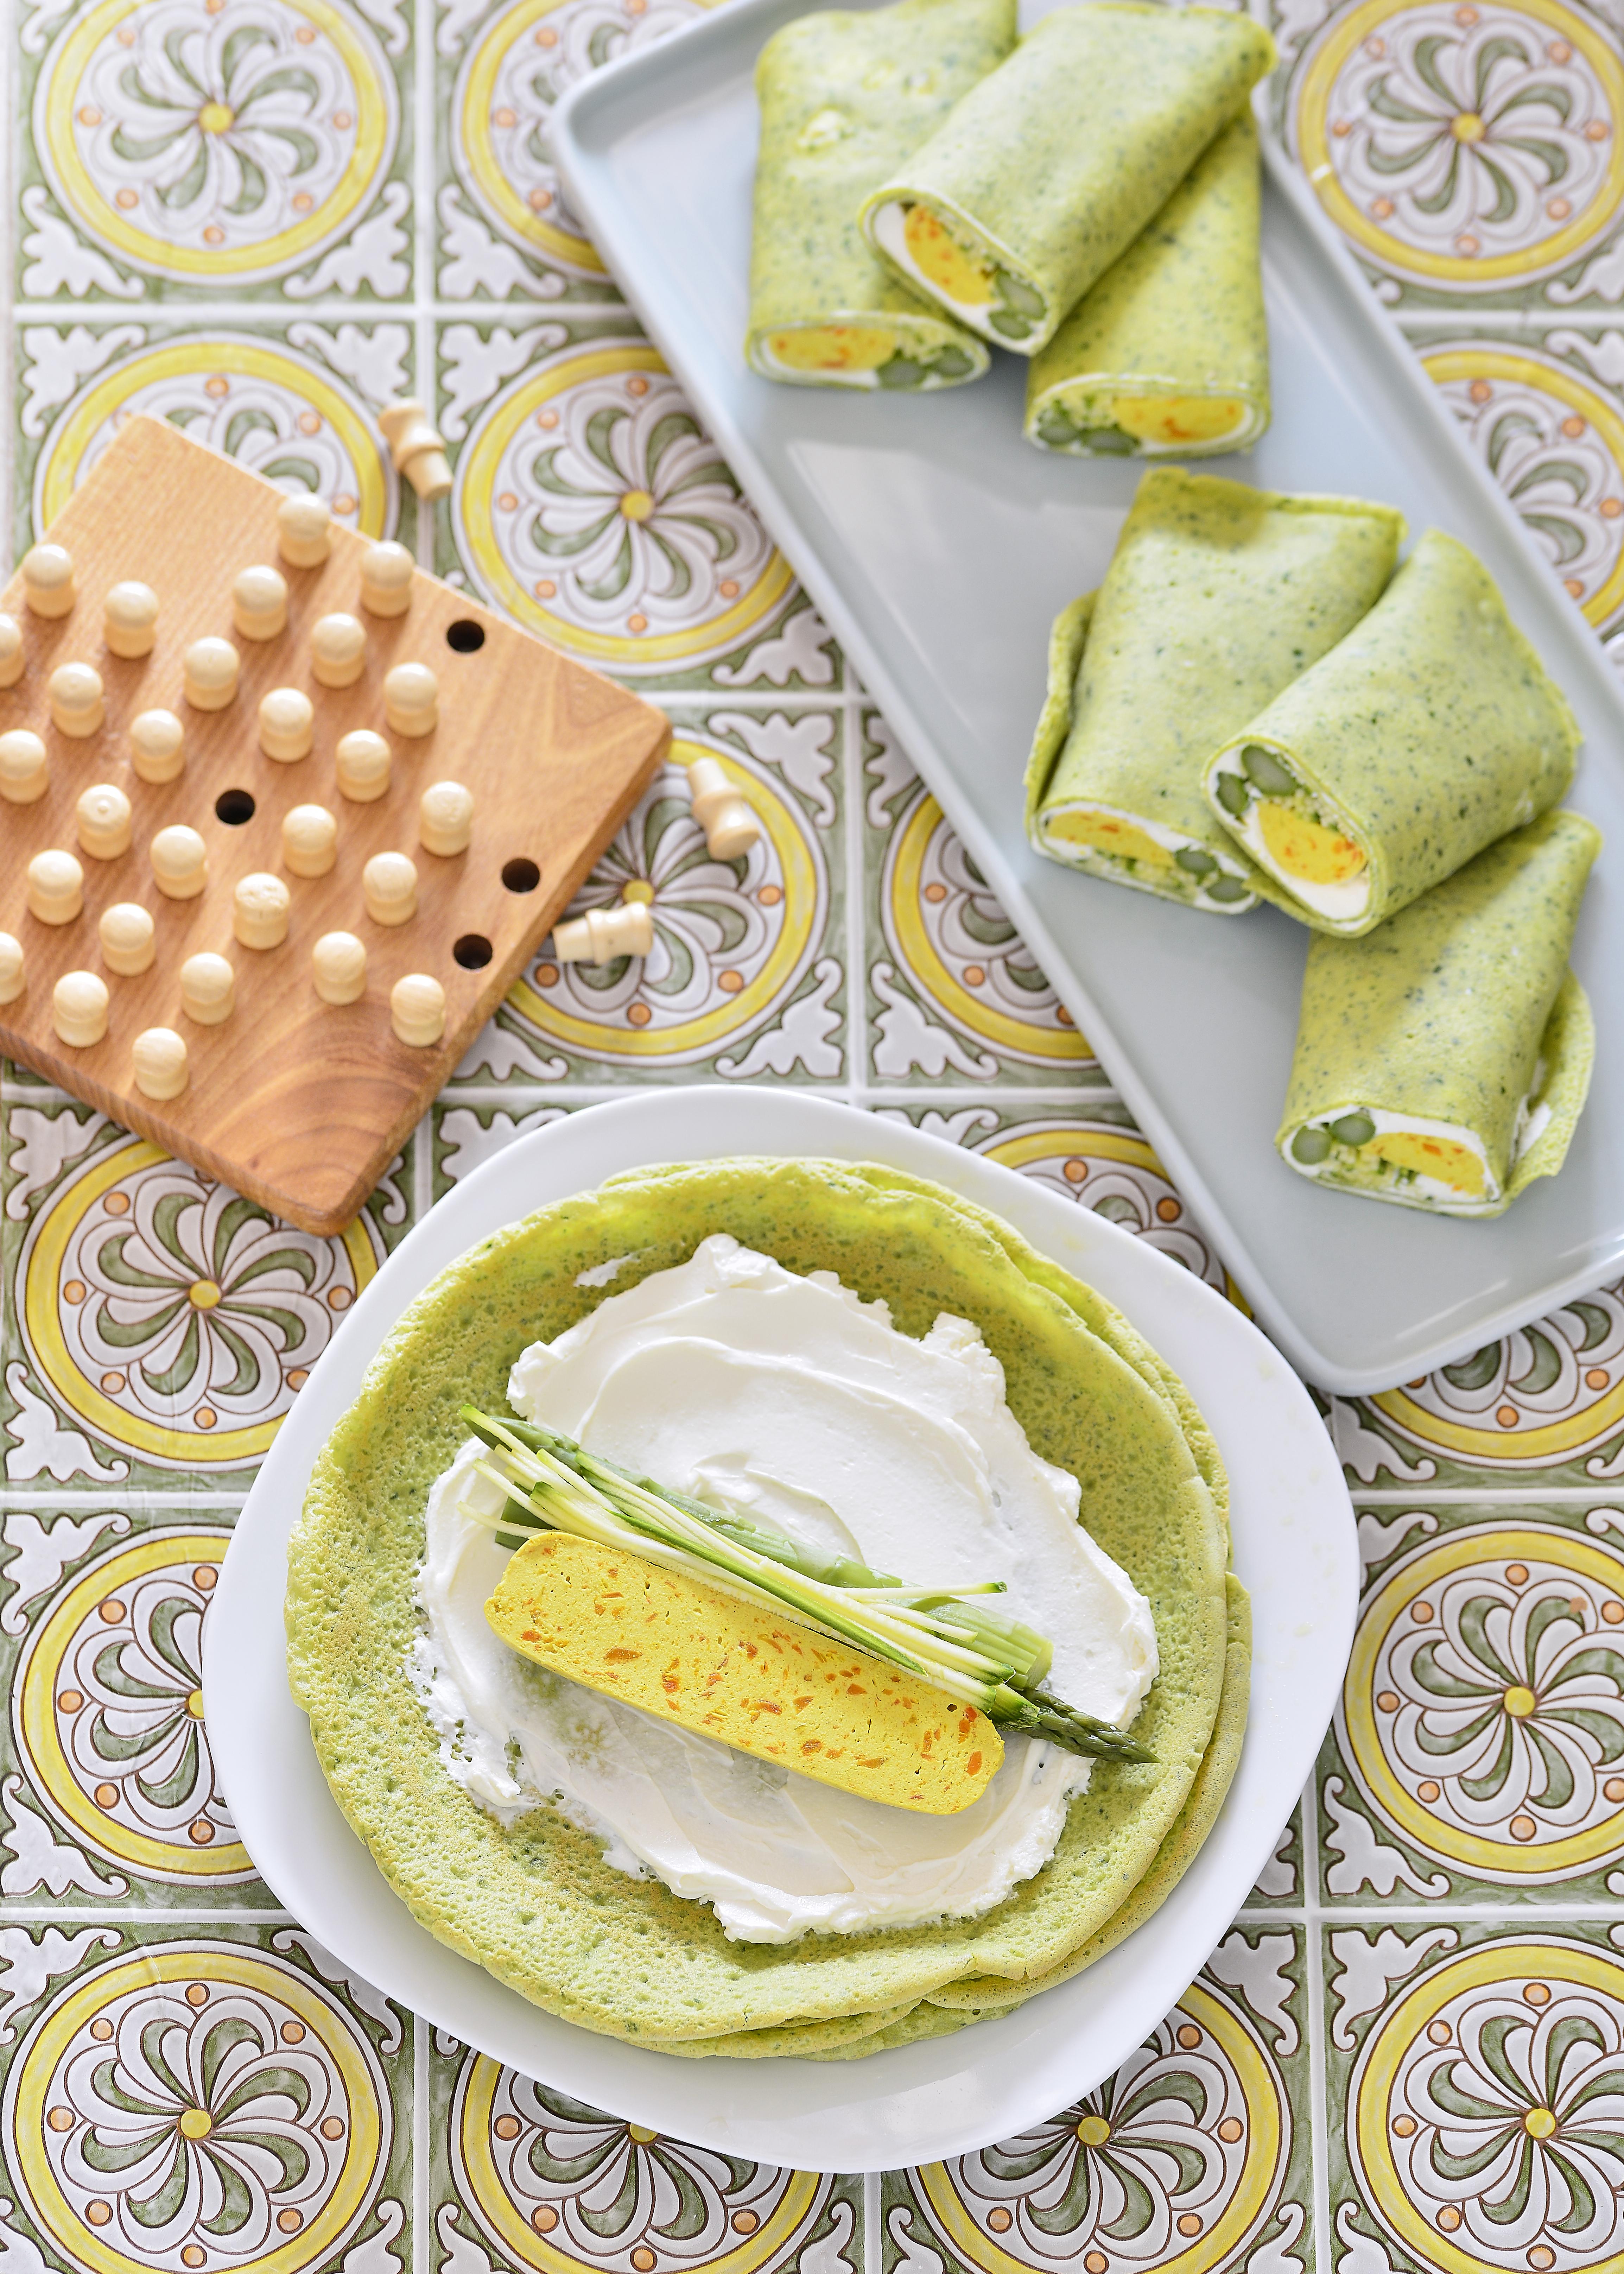 photo culinaire de crêpes vertes